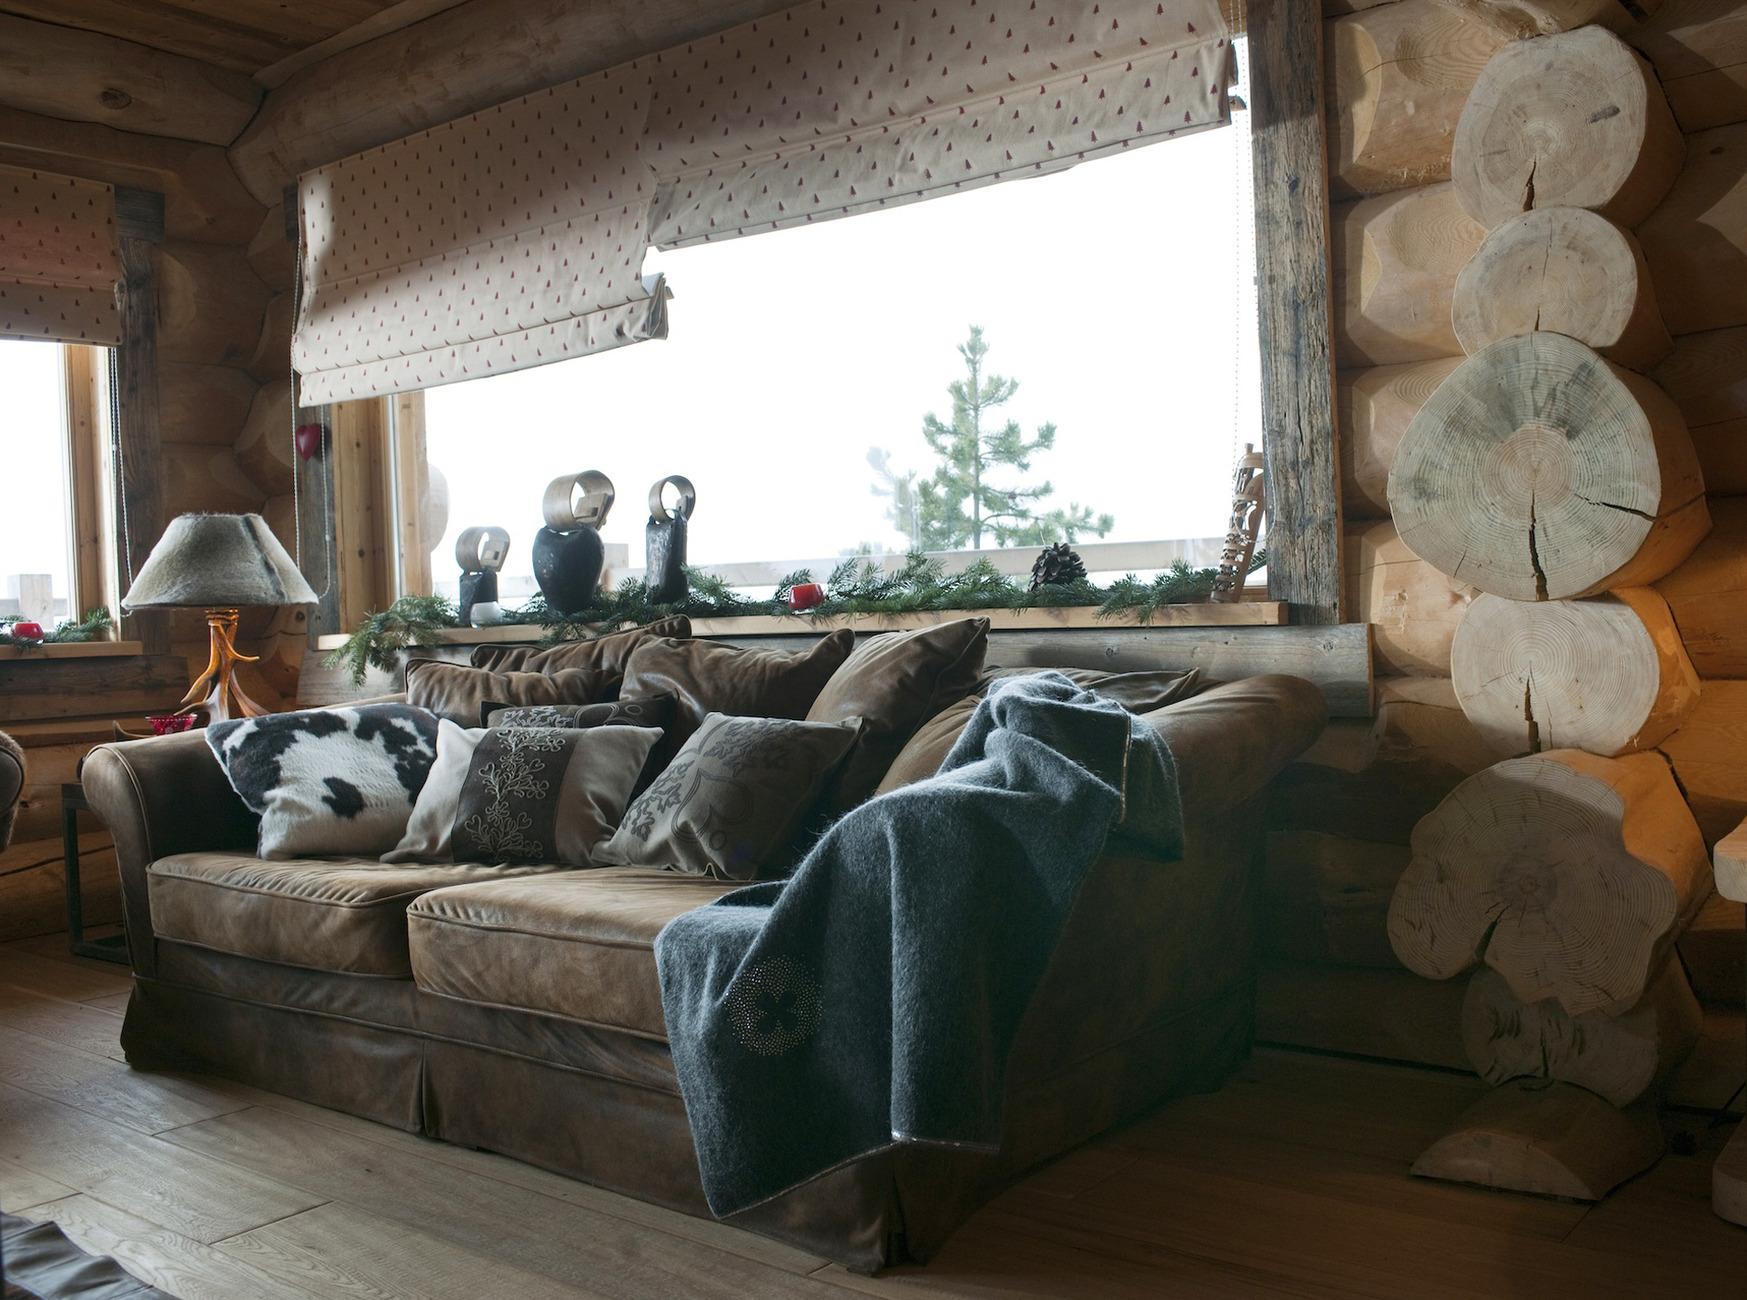 canap chalet de montagne conception carte lectronique. Black Bedroom Furniture Sets. Home Design Ideas